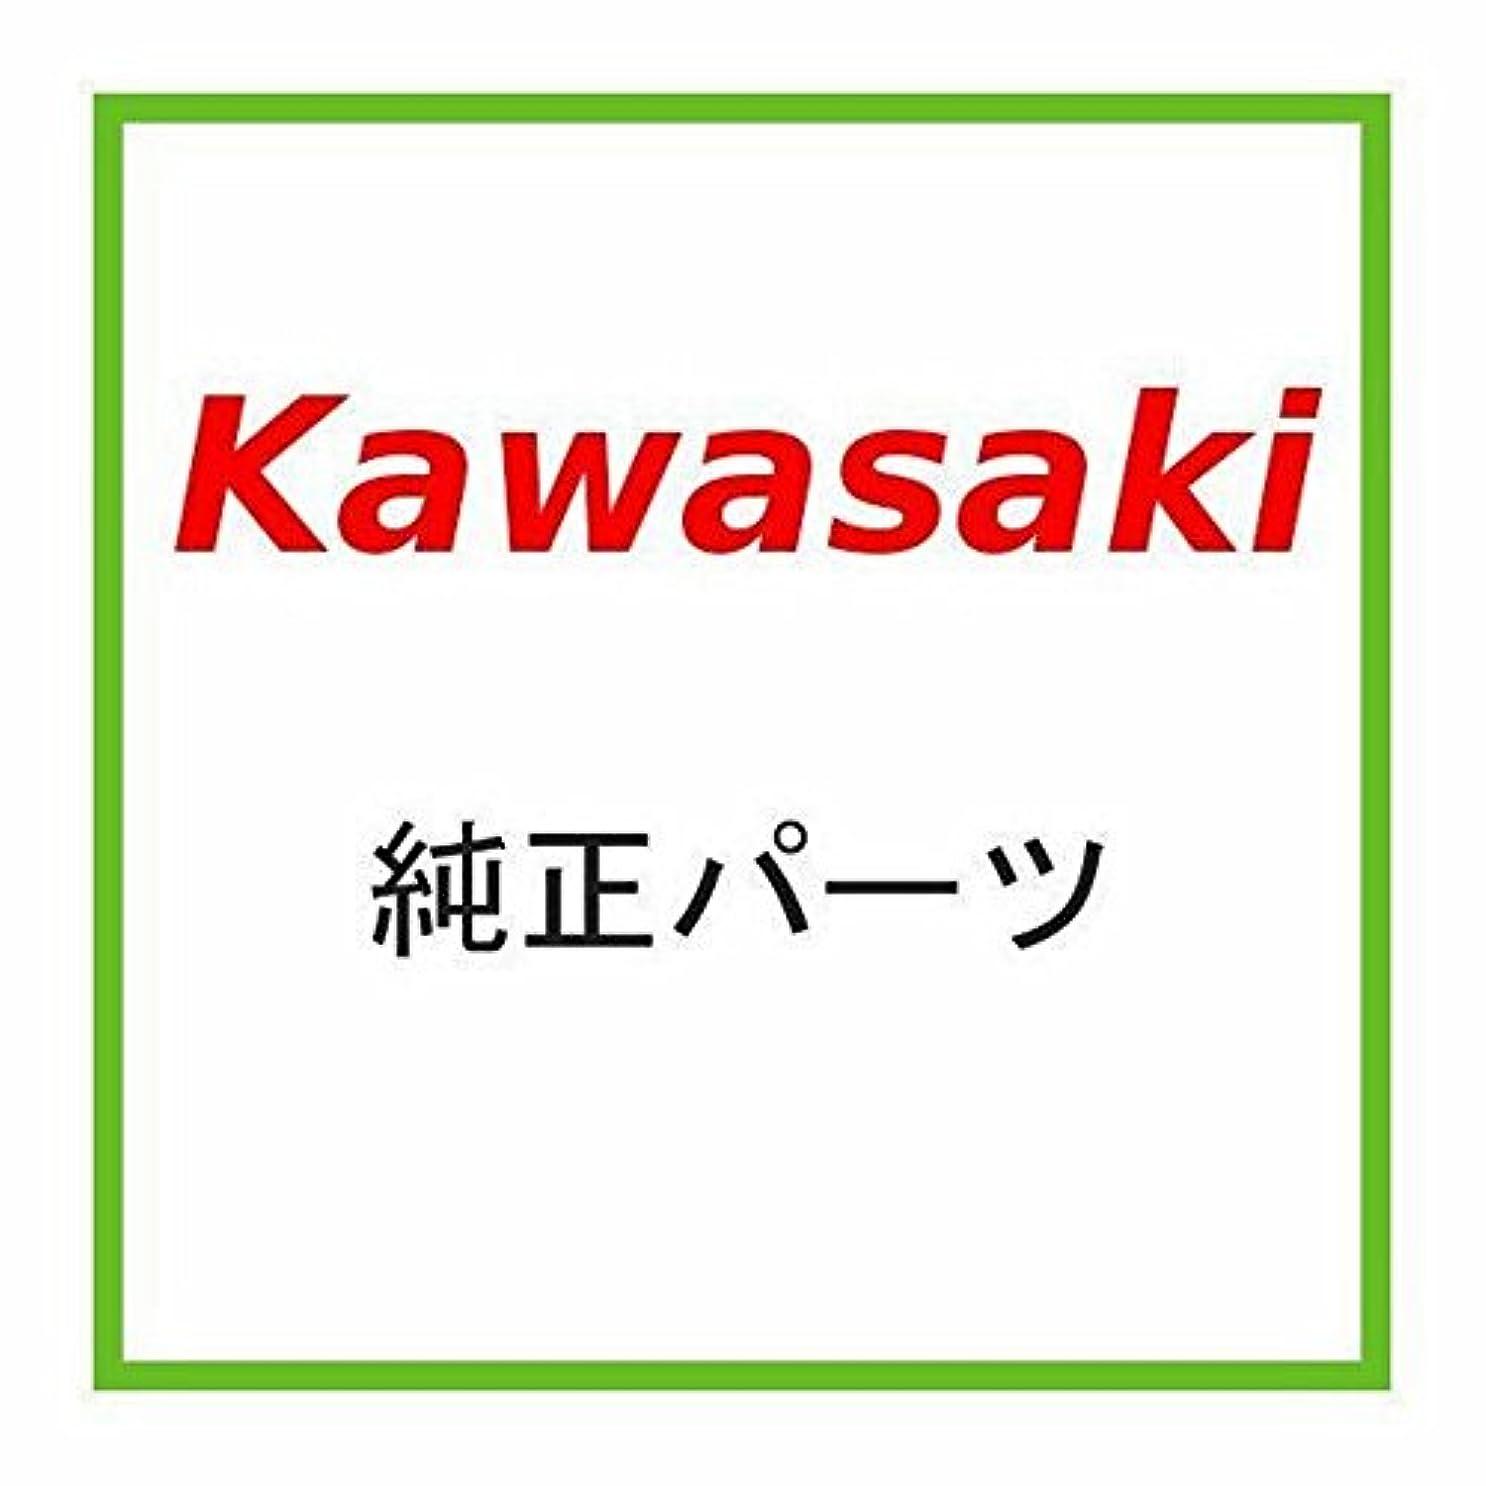 単にプログラムモンクKAWASAKI (カワサキ) 純正部品 ダクト,インテイク 14073-0264